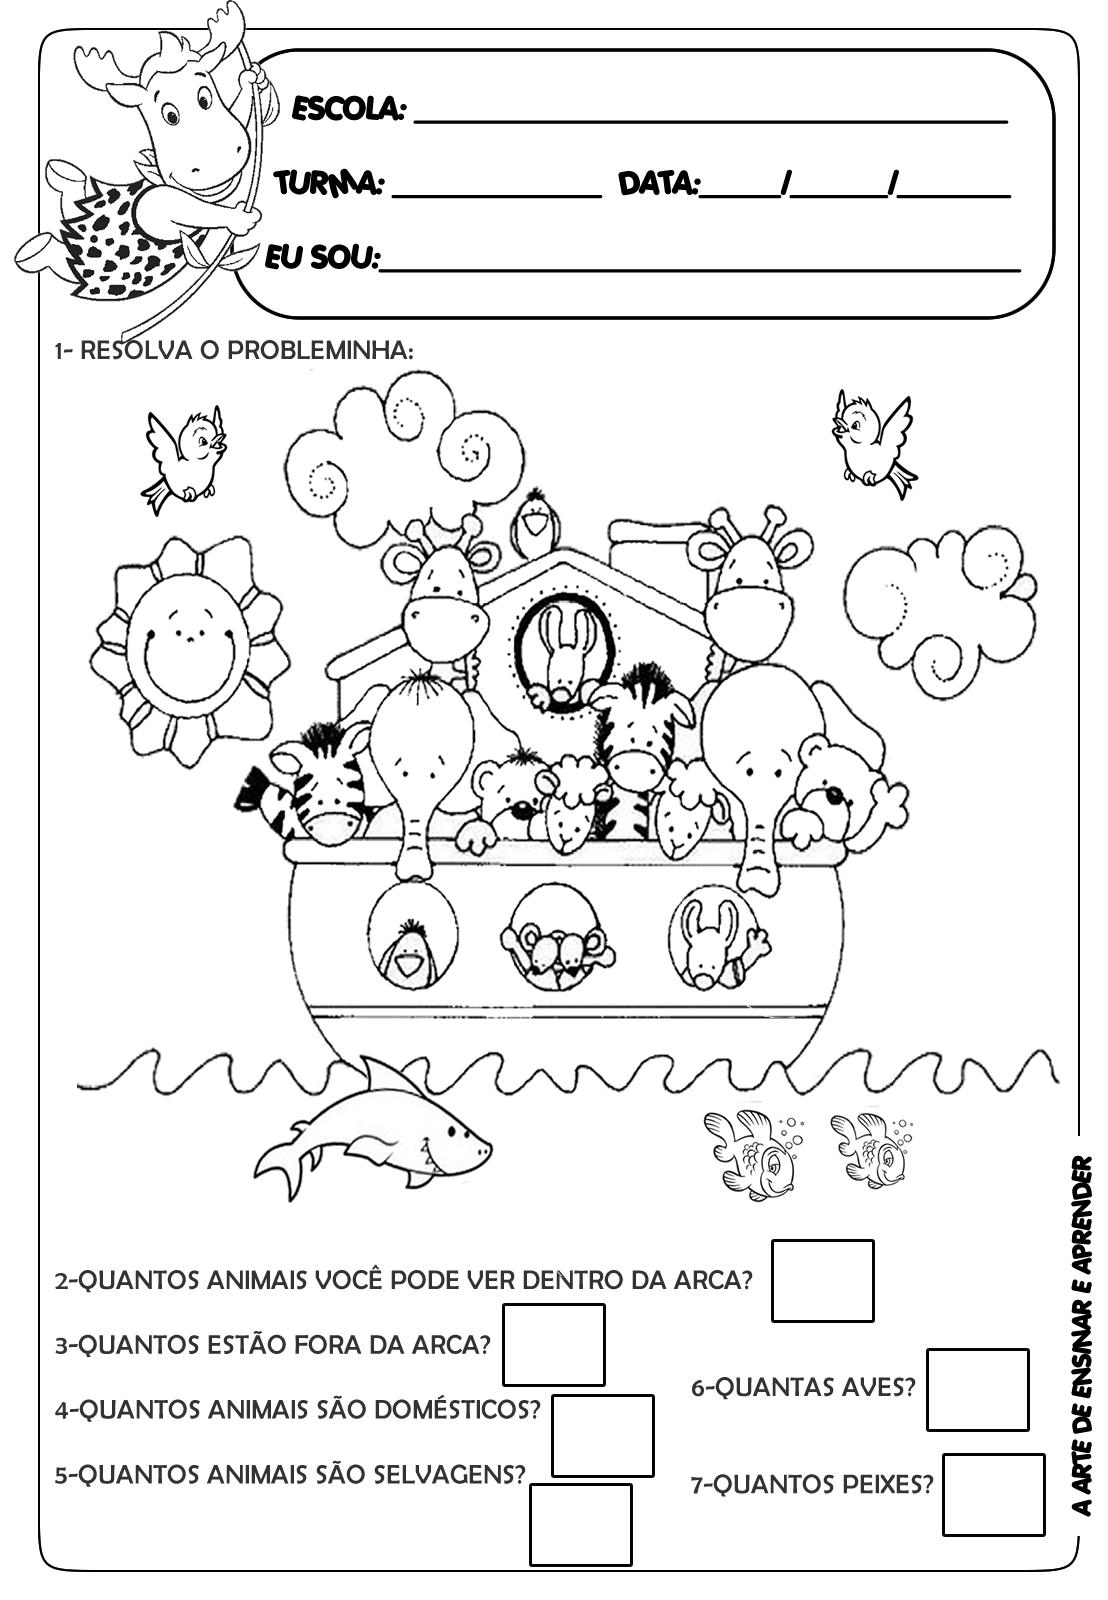 Exercícios de português 1 ano - Atividades Pedagógicas